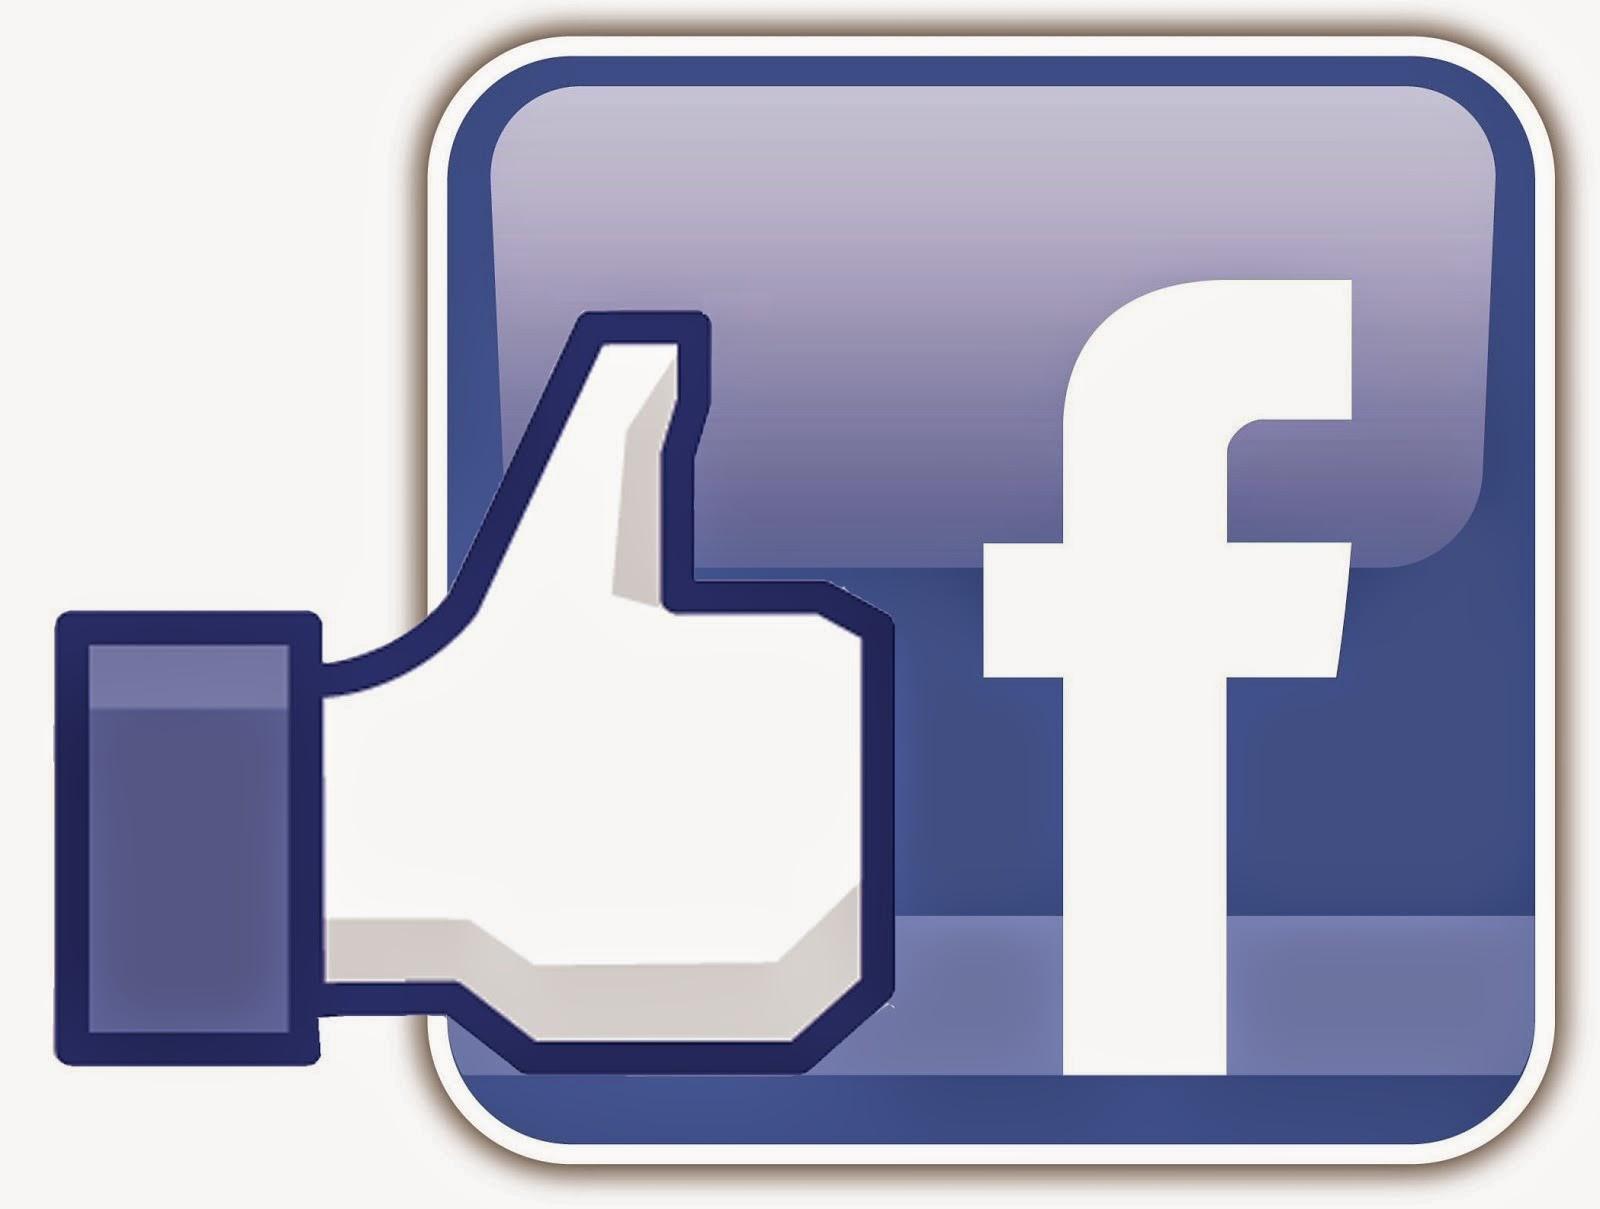 https://www.facebook.com/fermeauxescargots.helixa